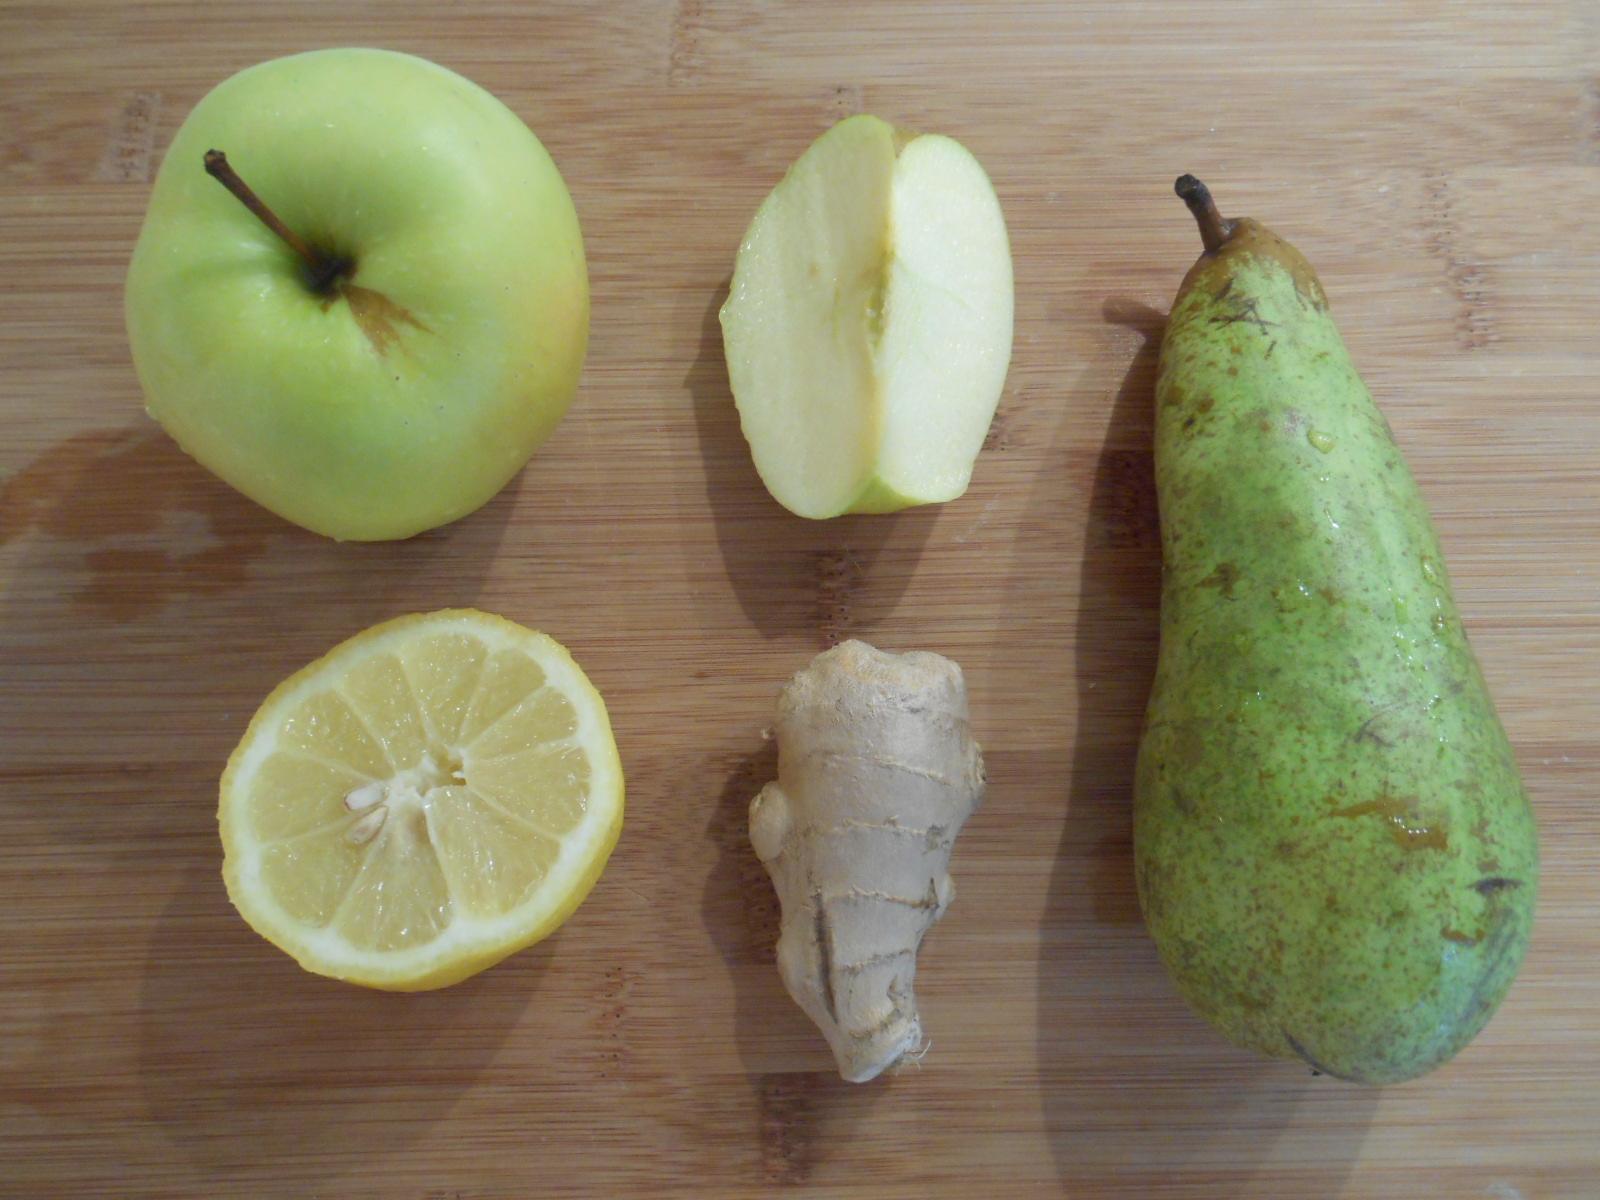 Un Jus De Fruit Au Gingembre Aux Vertus Anti Inflammatoires